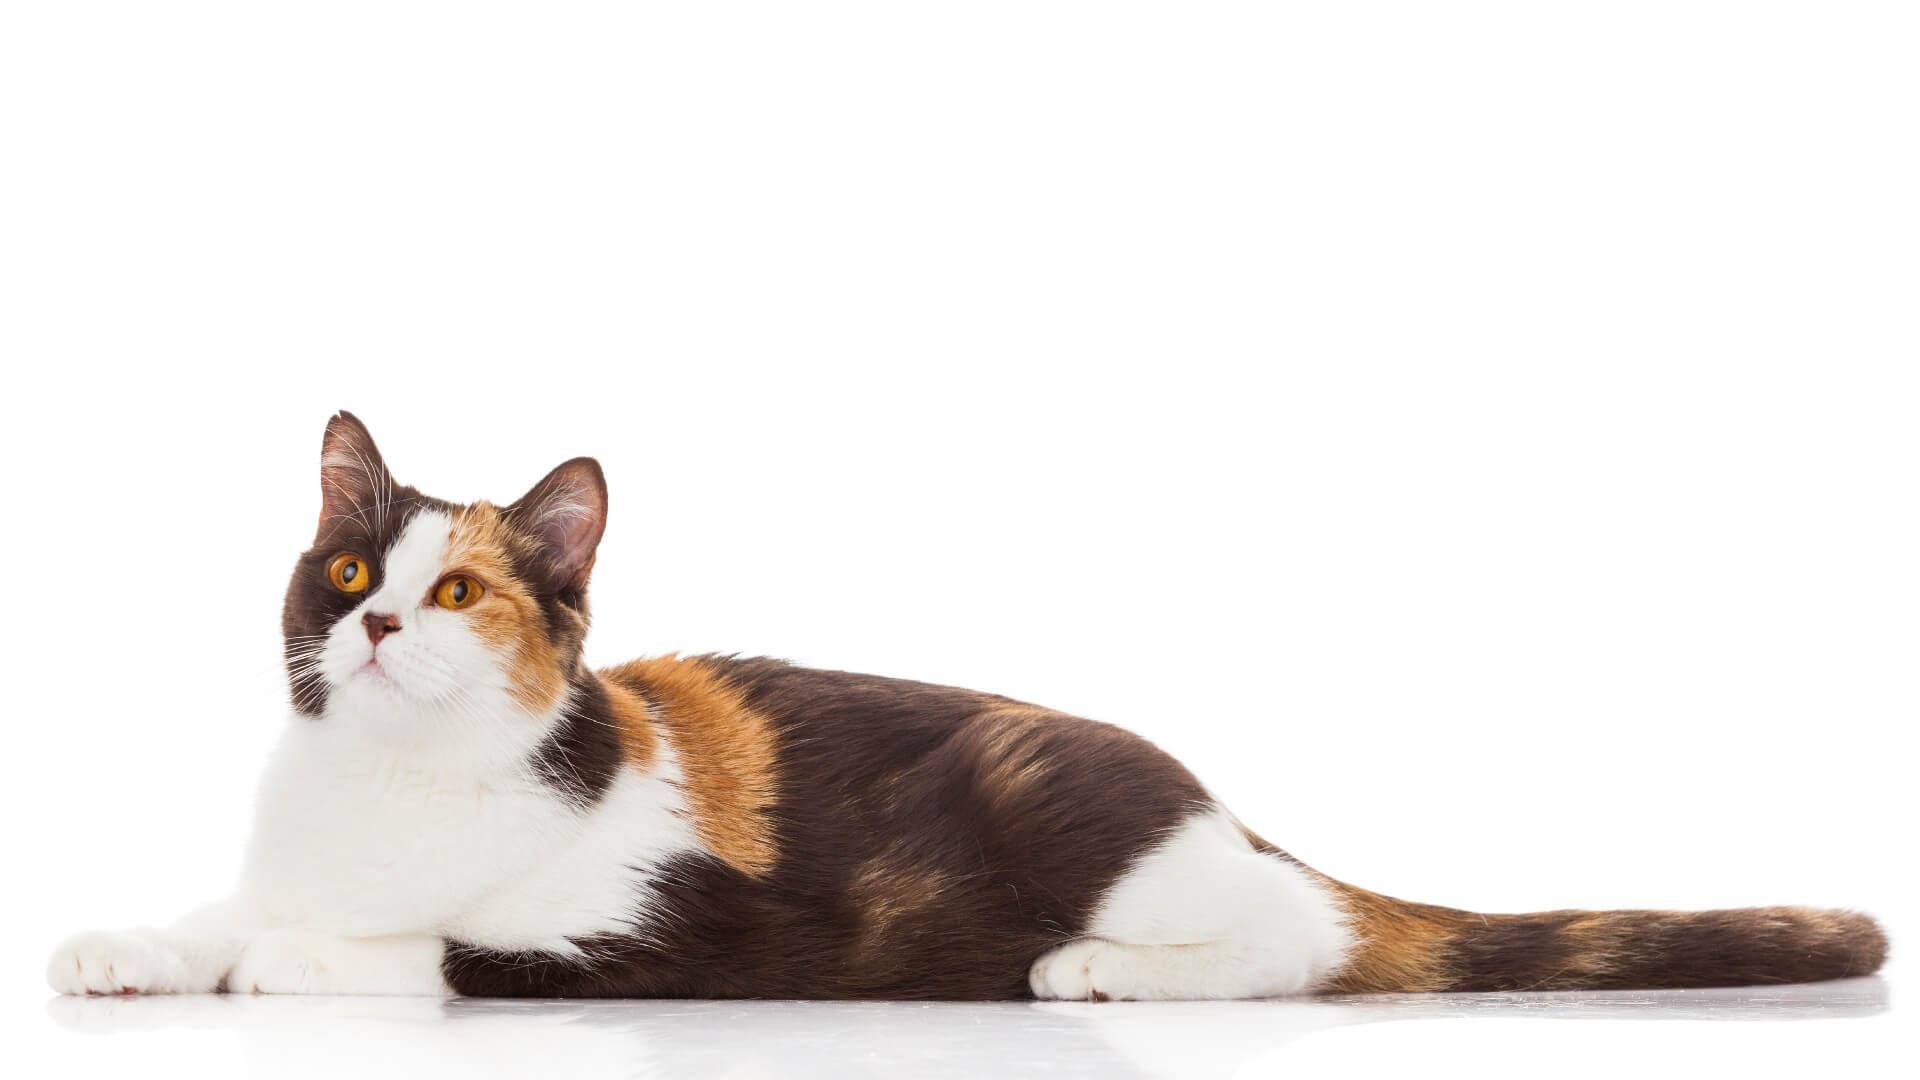 איך לבחור מזון איכותי לחתול